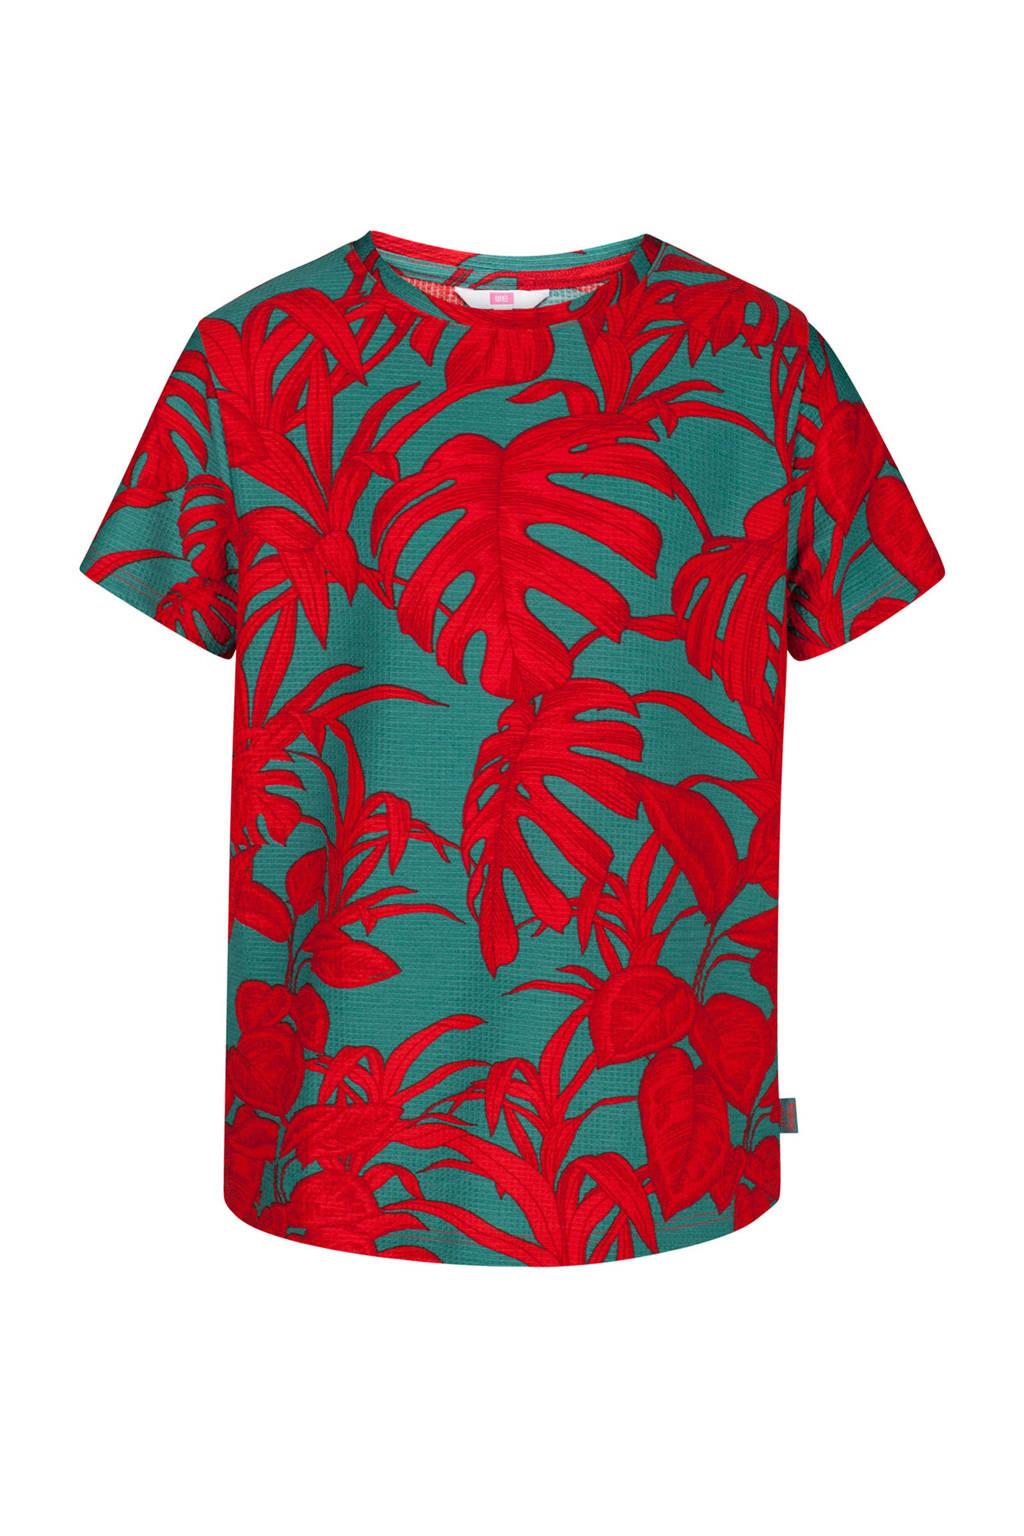 WE Fashion T-shirt met all over bladeren dessin rood, Rood/grijs